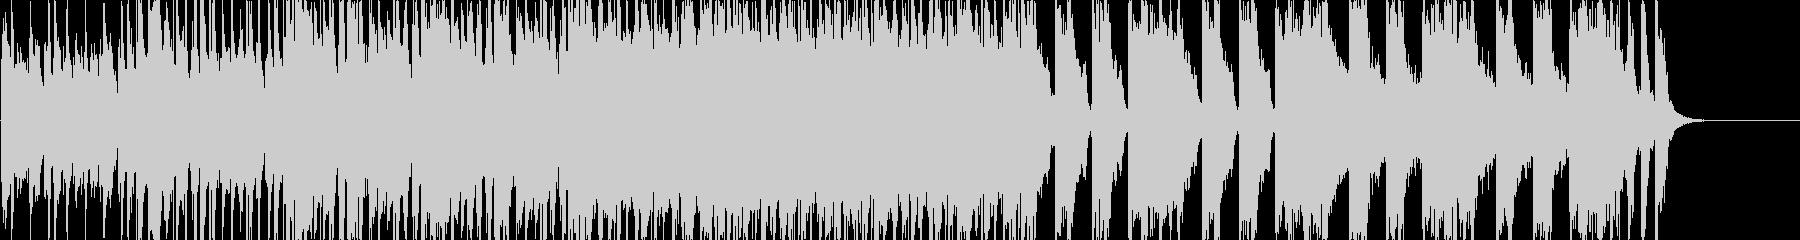 ラジオ、CM、ノリ良い軽快なピアノポップの未再生の波形